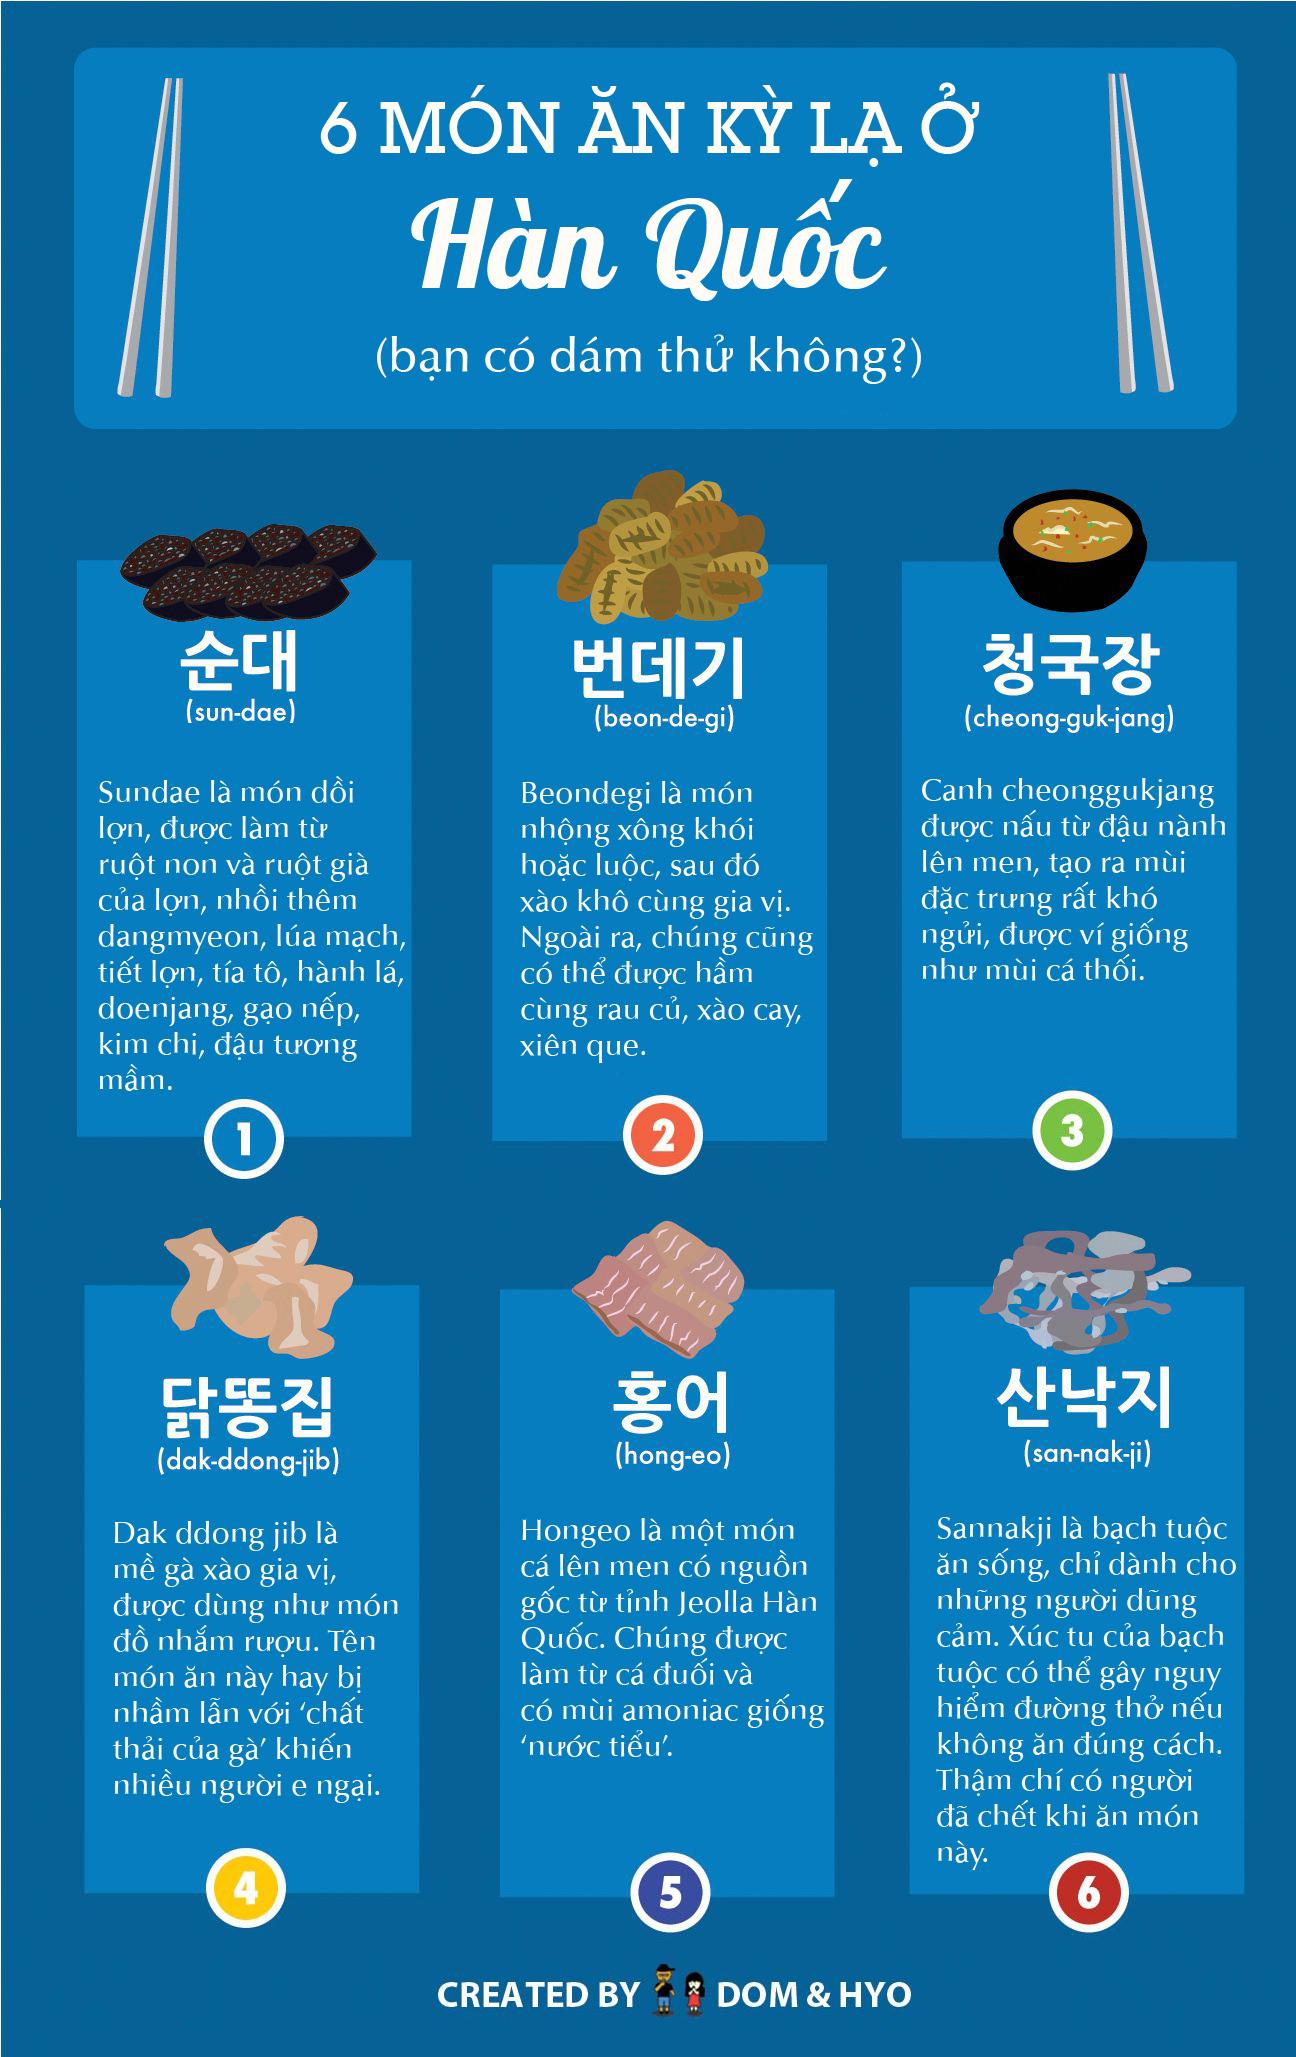 6 món ăn kỳ lạ ở Hàn Quốc